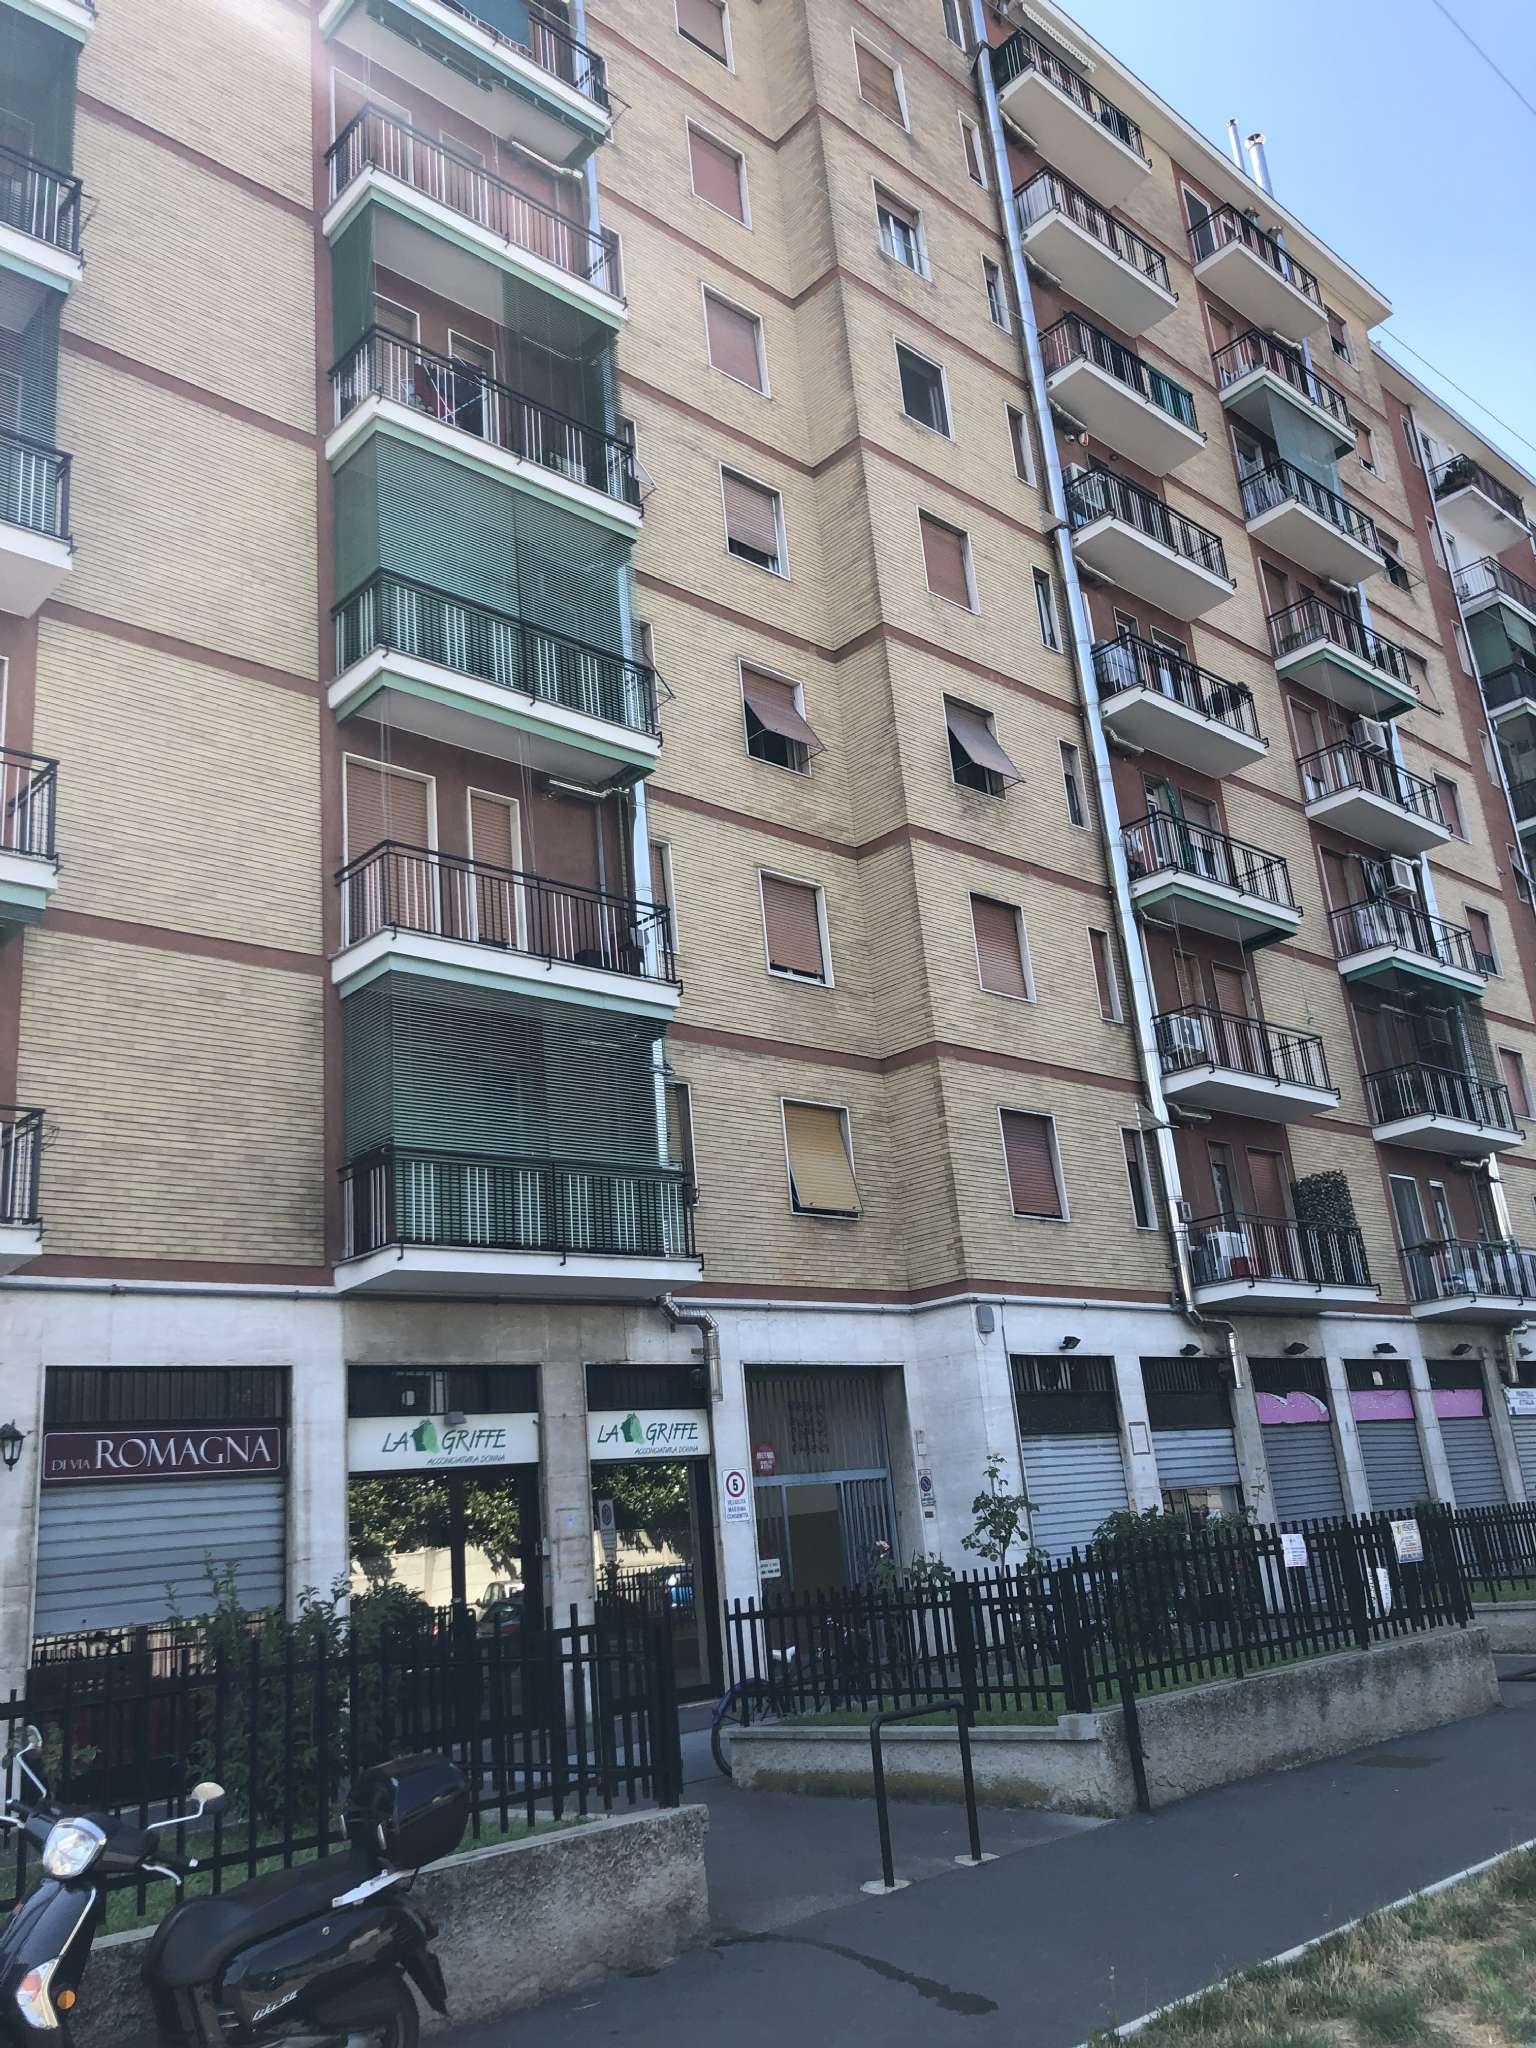 Appartamento in vendita a Cologno Monzese, 2 locali, prezzo € 85.000 | PortaleAgenzieImmobiliari.it